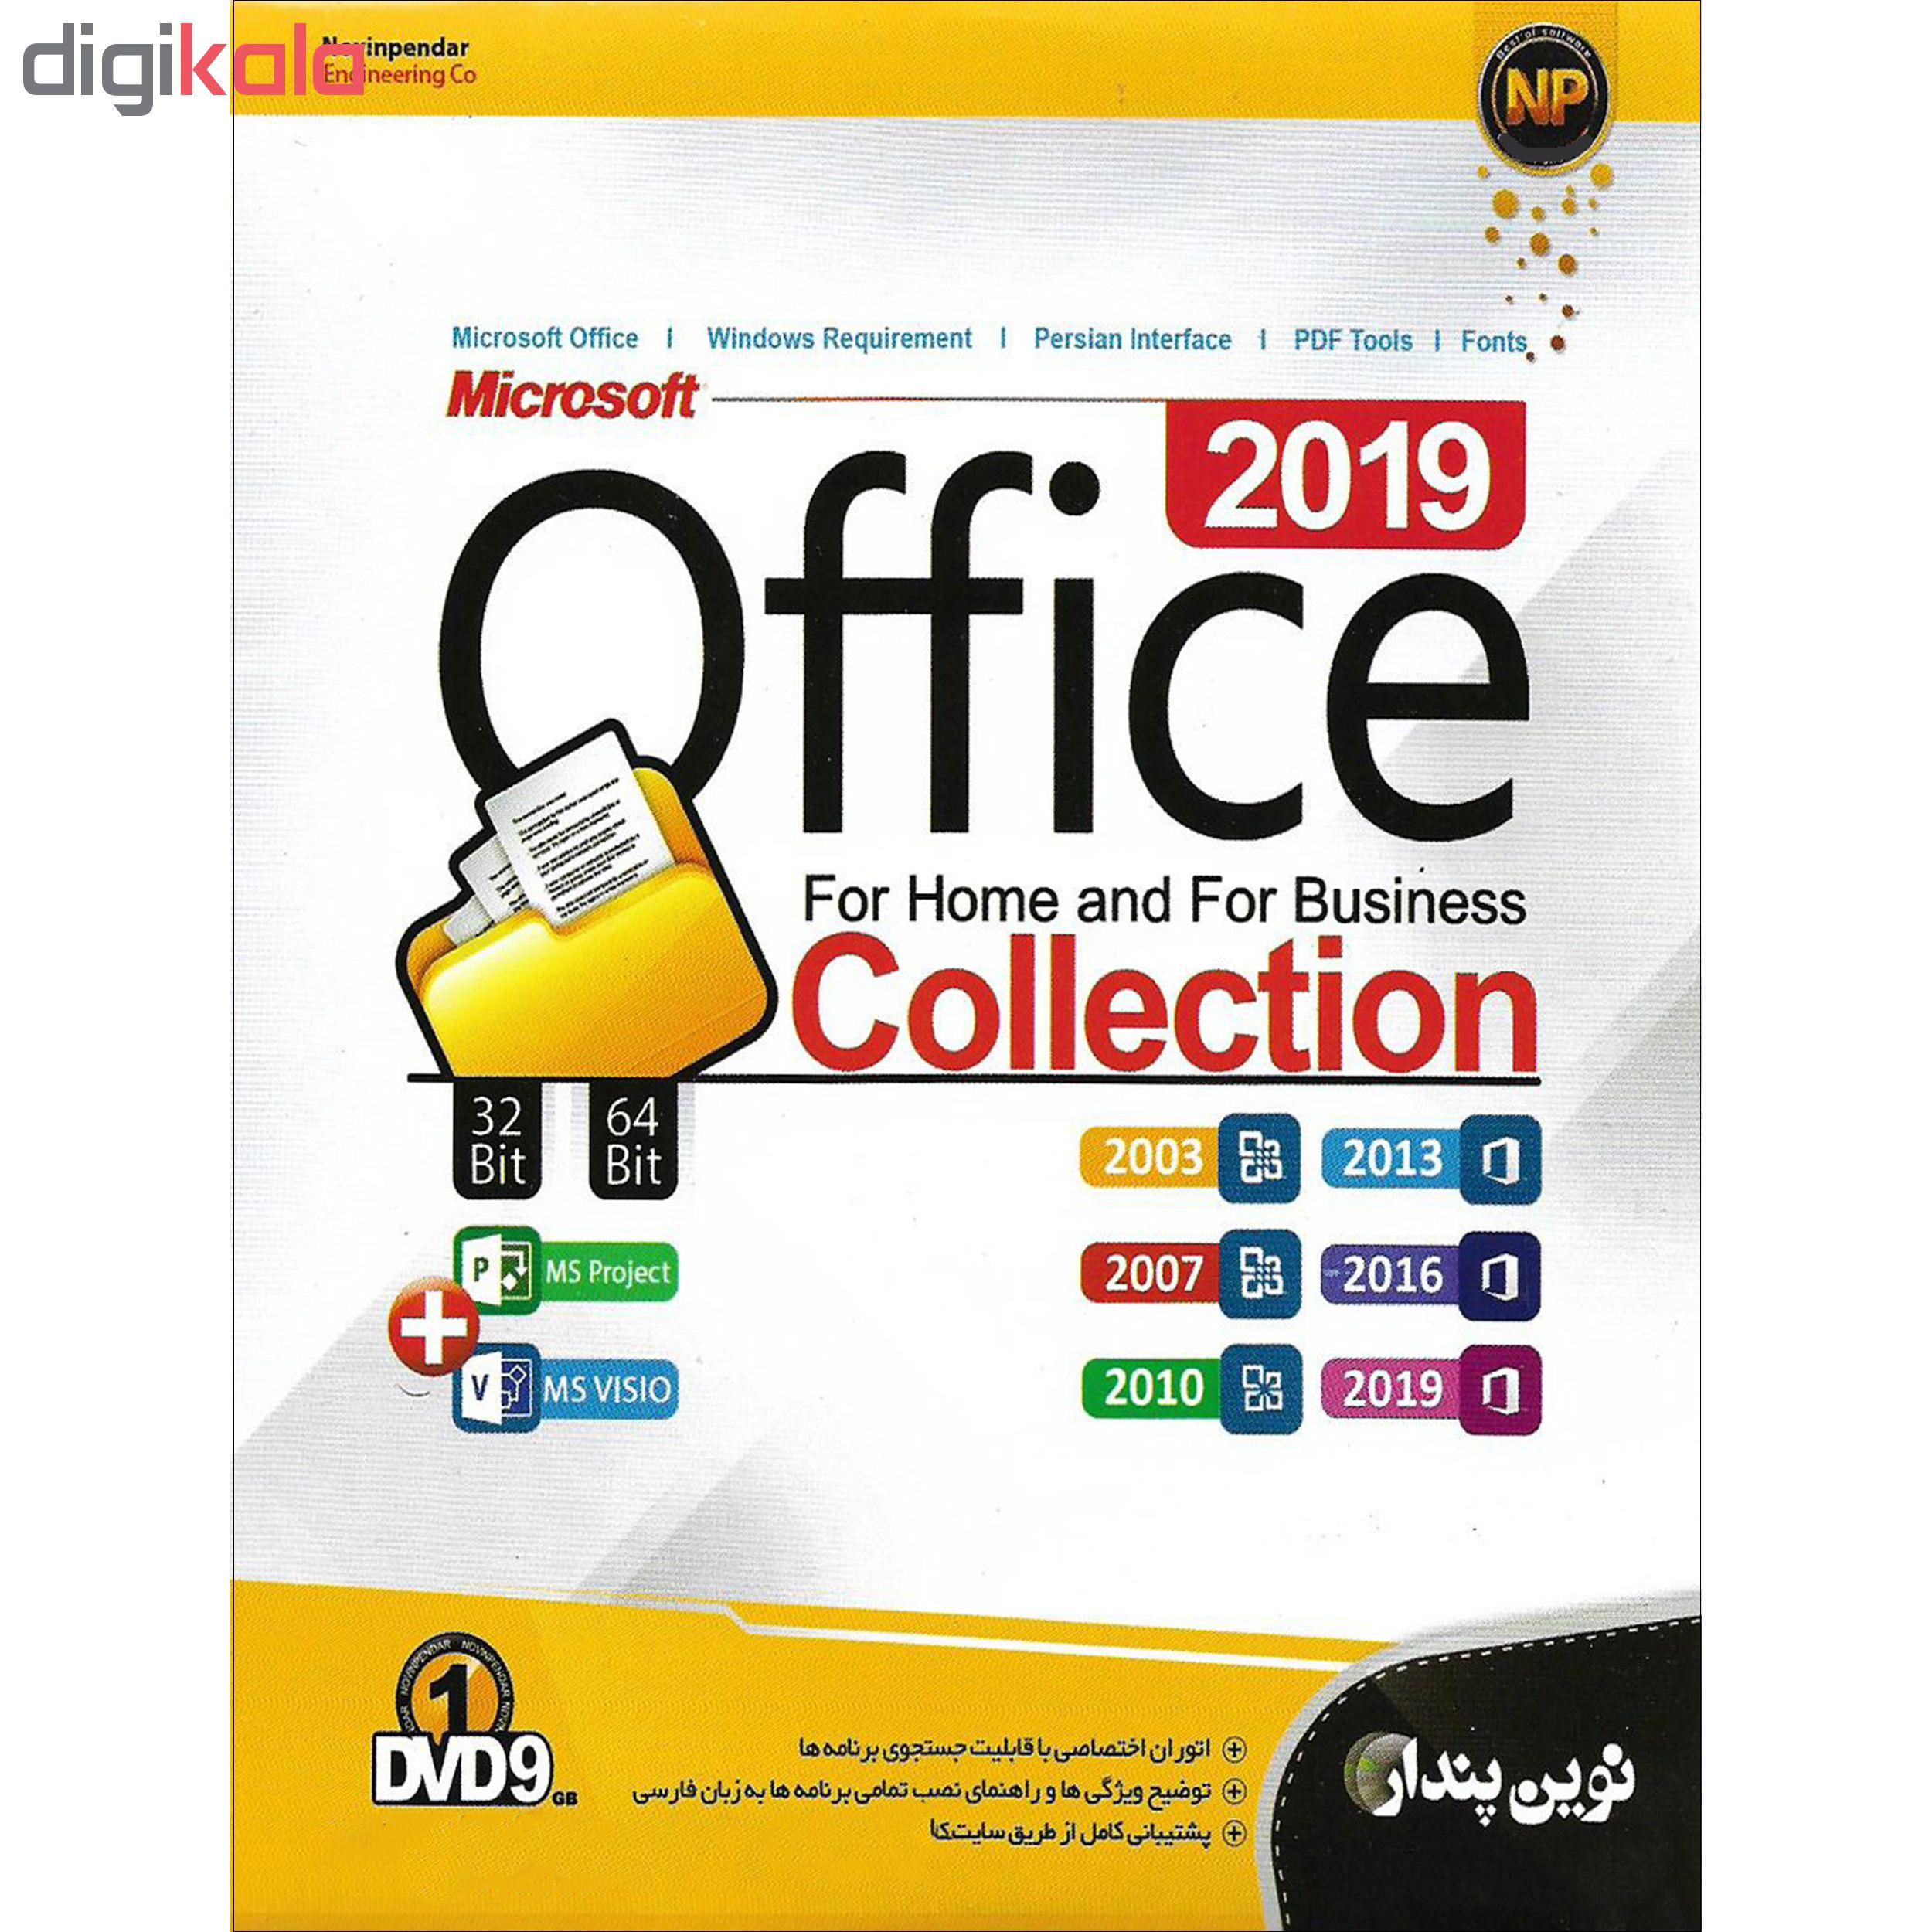 نرم افزار آموزش مهارت هفتگانه کامپیوتر ICDL 2019 نشر پدیا سافت به همراه نرم افزار Office Collection 2019 نشر نوین پندار